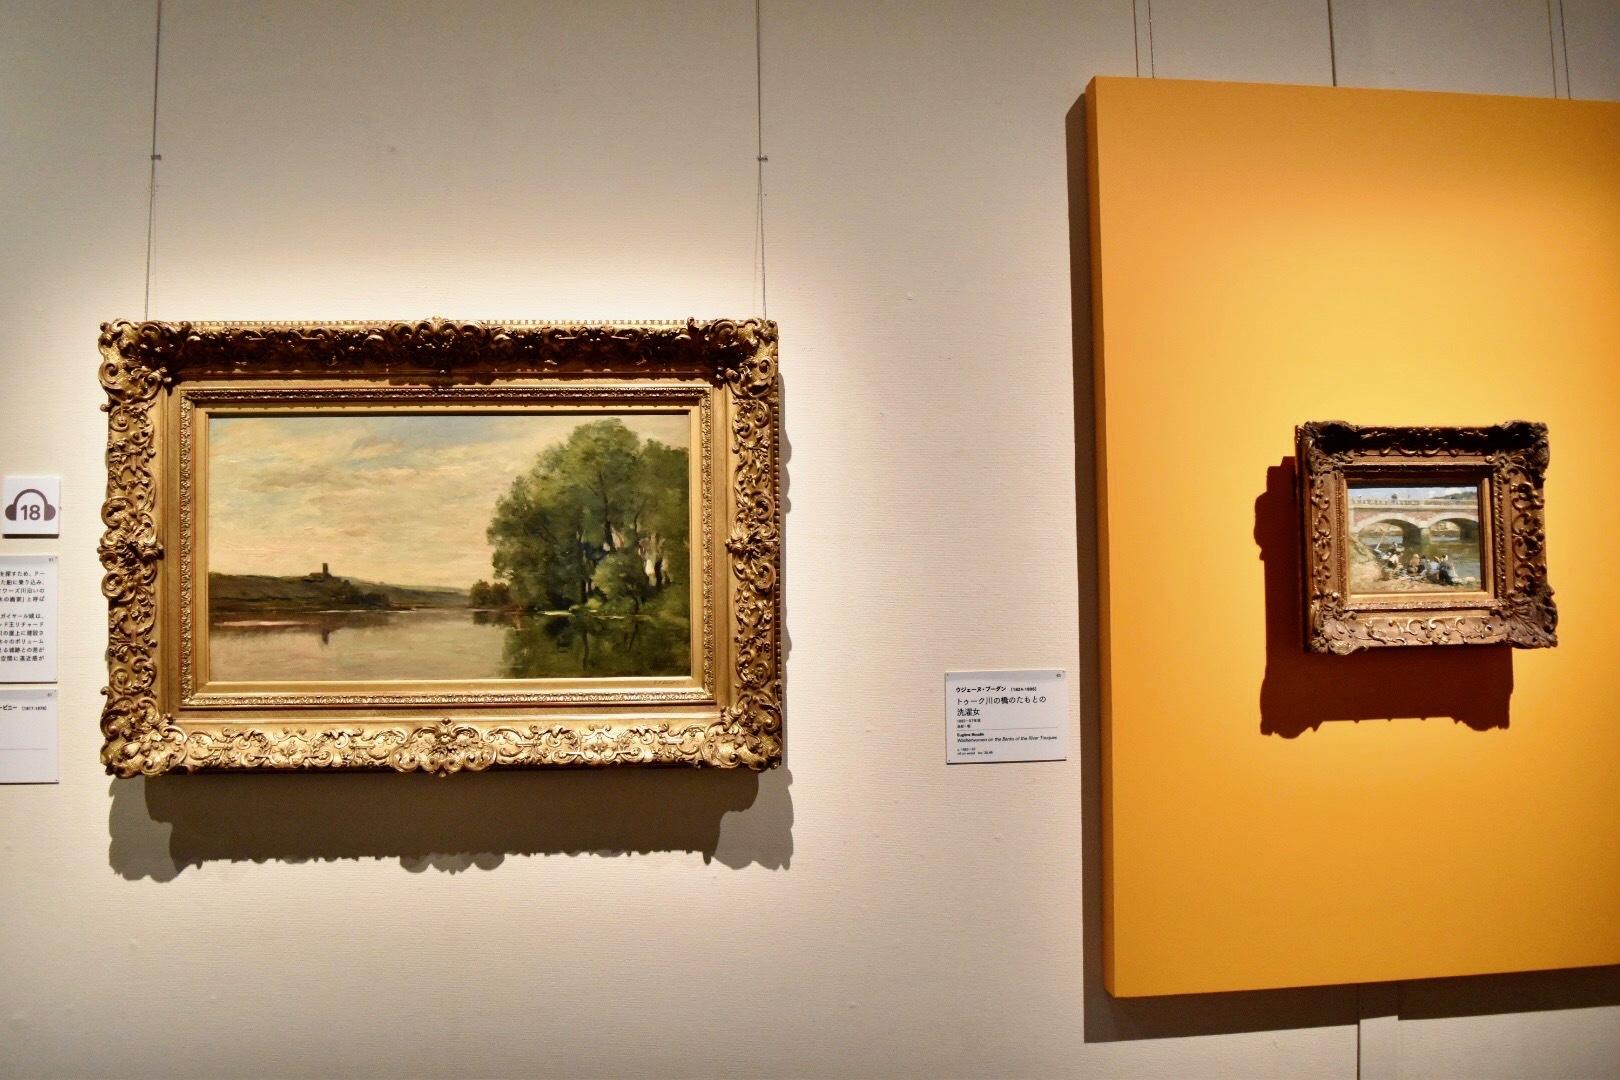 左:シャルル=フランソワ・ドービニー 《ガイヤール城》 1870-74年頃 油彩、板 (C)CSG  CIC Glasgow Museums Collection 右:ウジェーヌ・ブーダン 《トゥーク川の橋のたもとの洗濯女》 1883-87年頃 油彩、板 (C)CSG CIC Glasgow Museums Collection